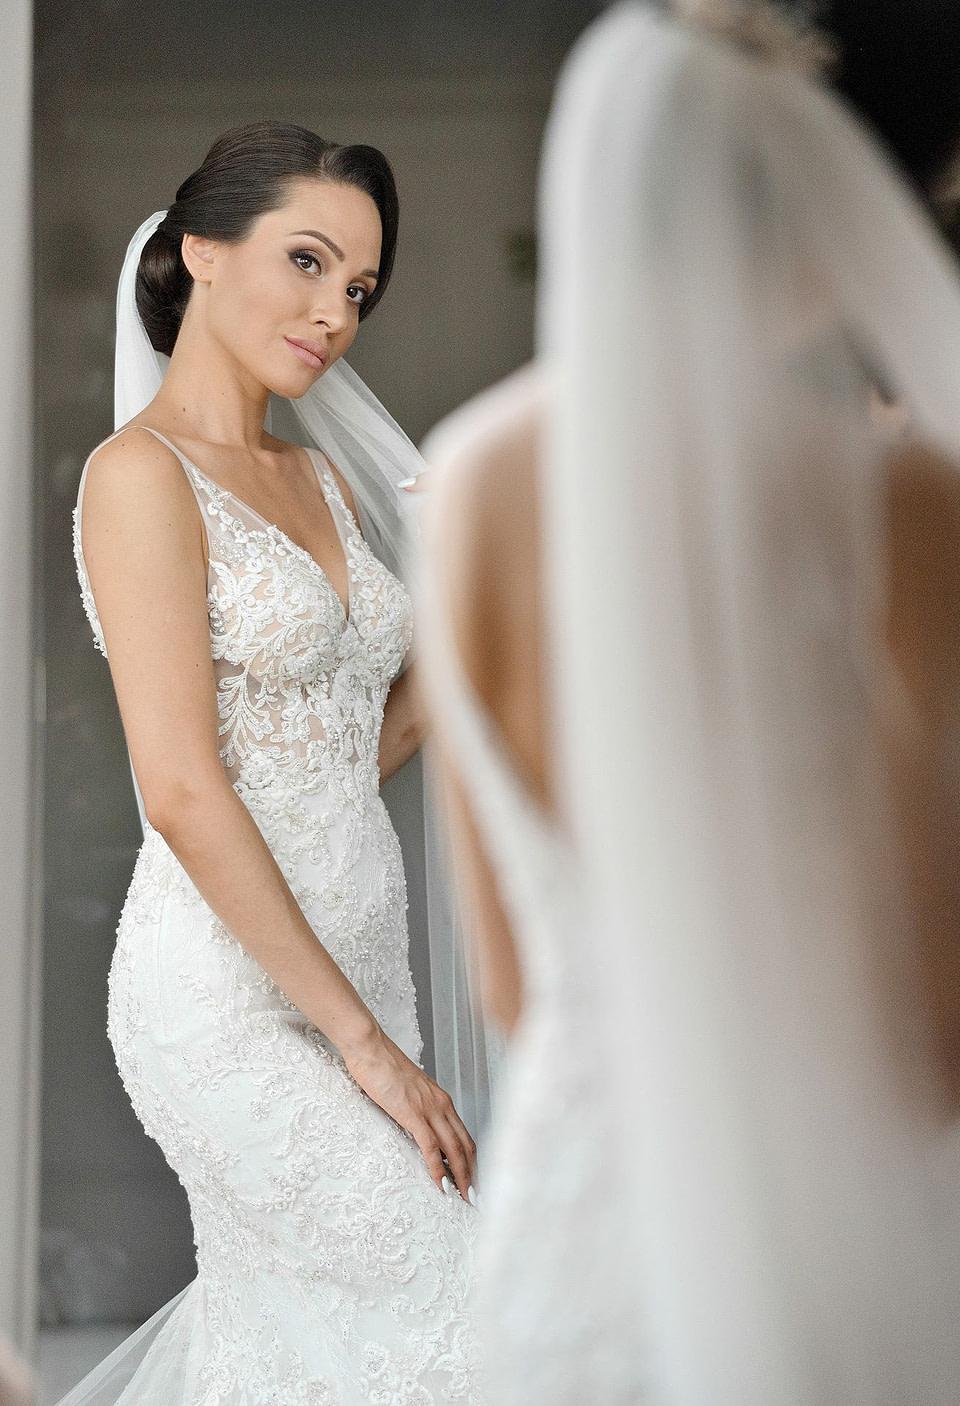 Невеста в свадебном платье любуется на сборах невесты, профессиональная свадебная фотосессия в Киеве и Одессе - услуги фотографа на свадьбу, съемка свадьбы (недорого, стоимость и цена на сайте) фотограф Соя Юрий